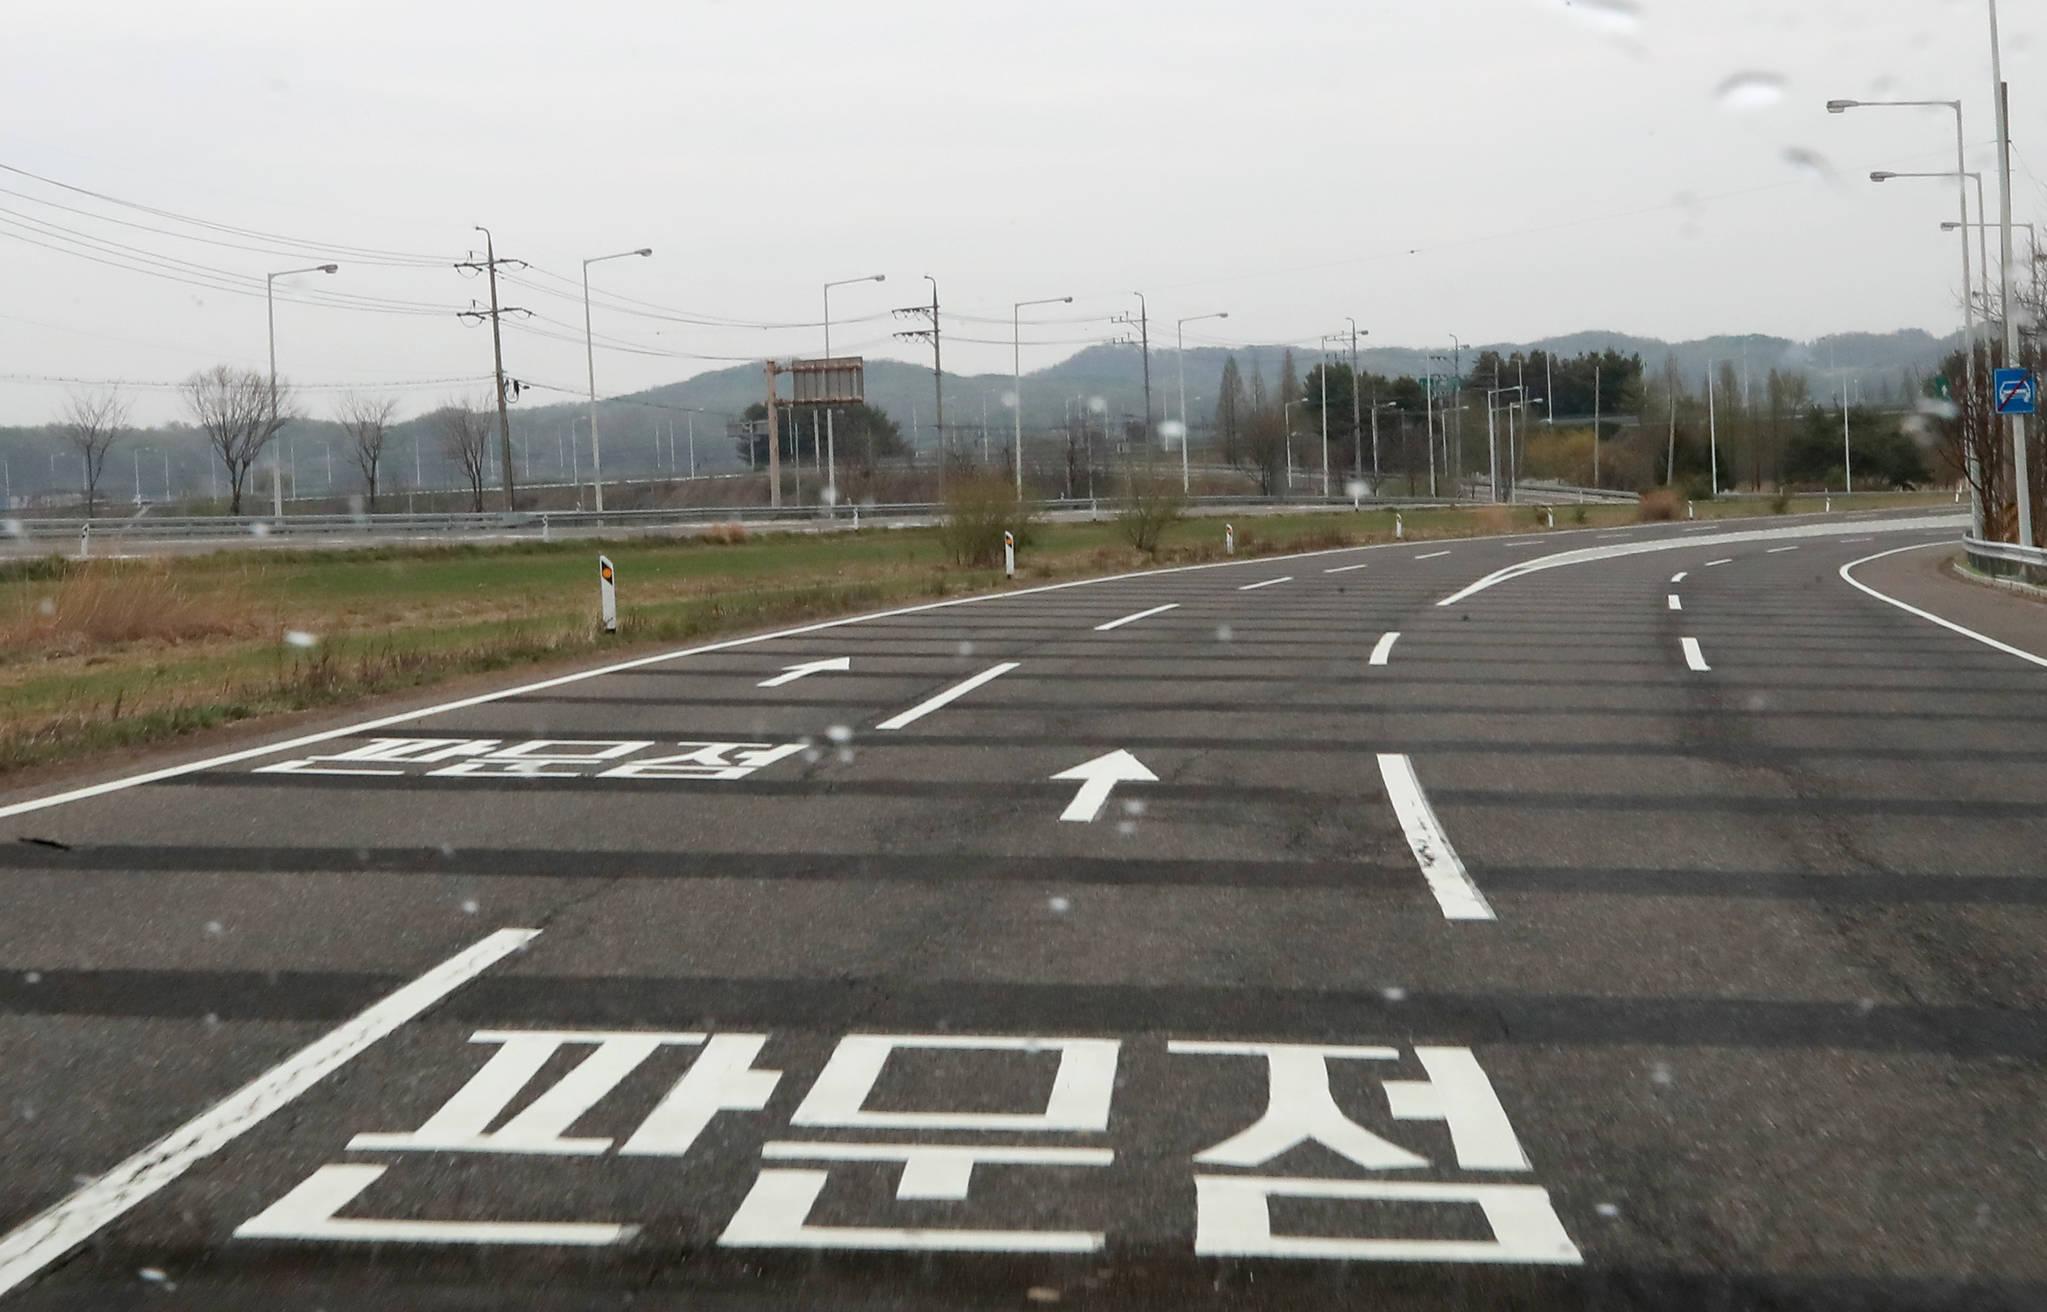 남북정상회담을 닷새 앞둔 22일 경기도 파주 자유로에 판문점 으로 향하는 도로 안내 문구가 새겨져 있다. [연합뉴스]